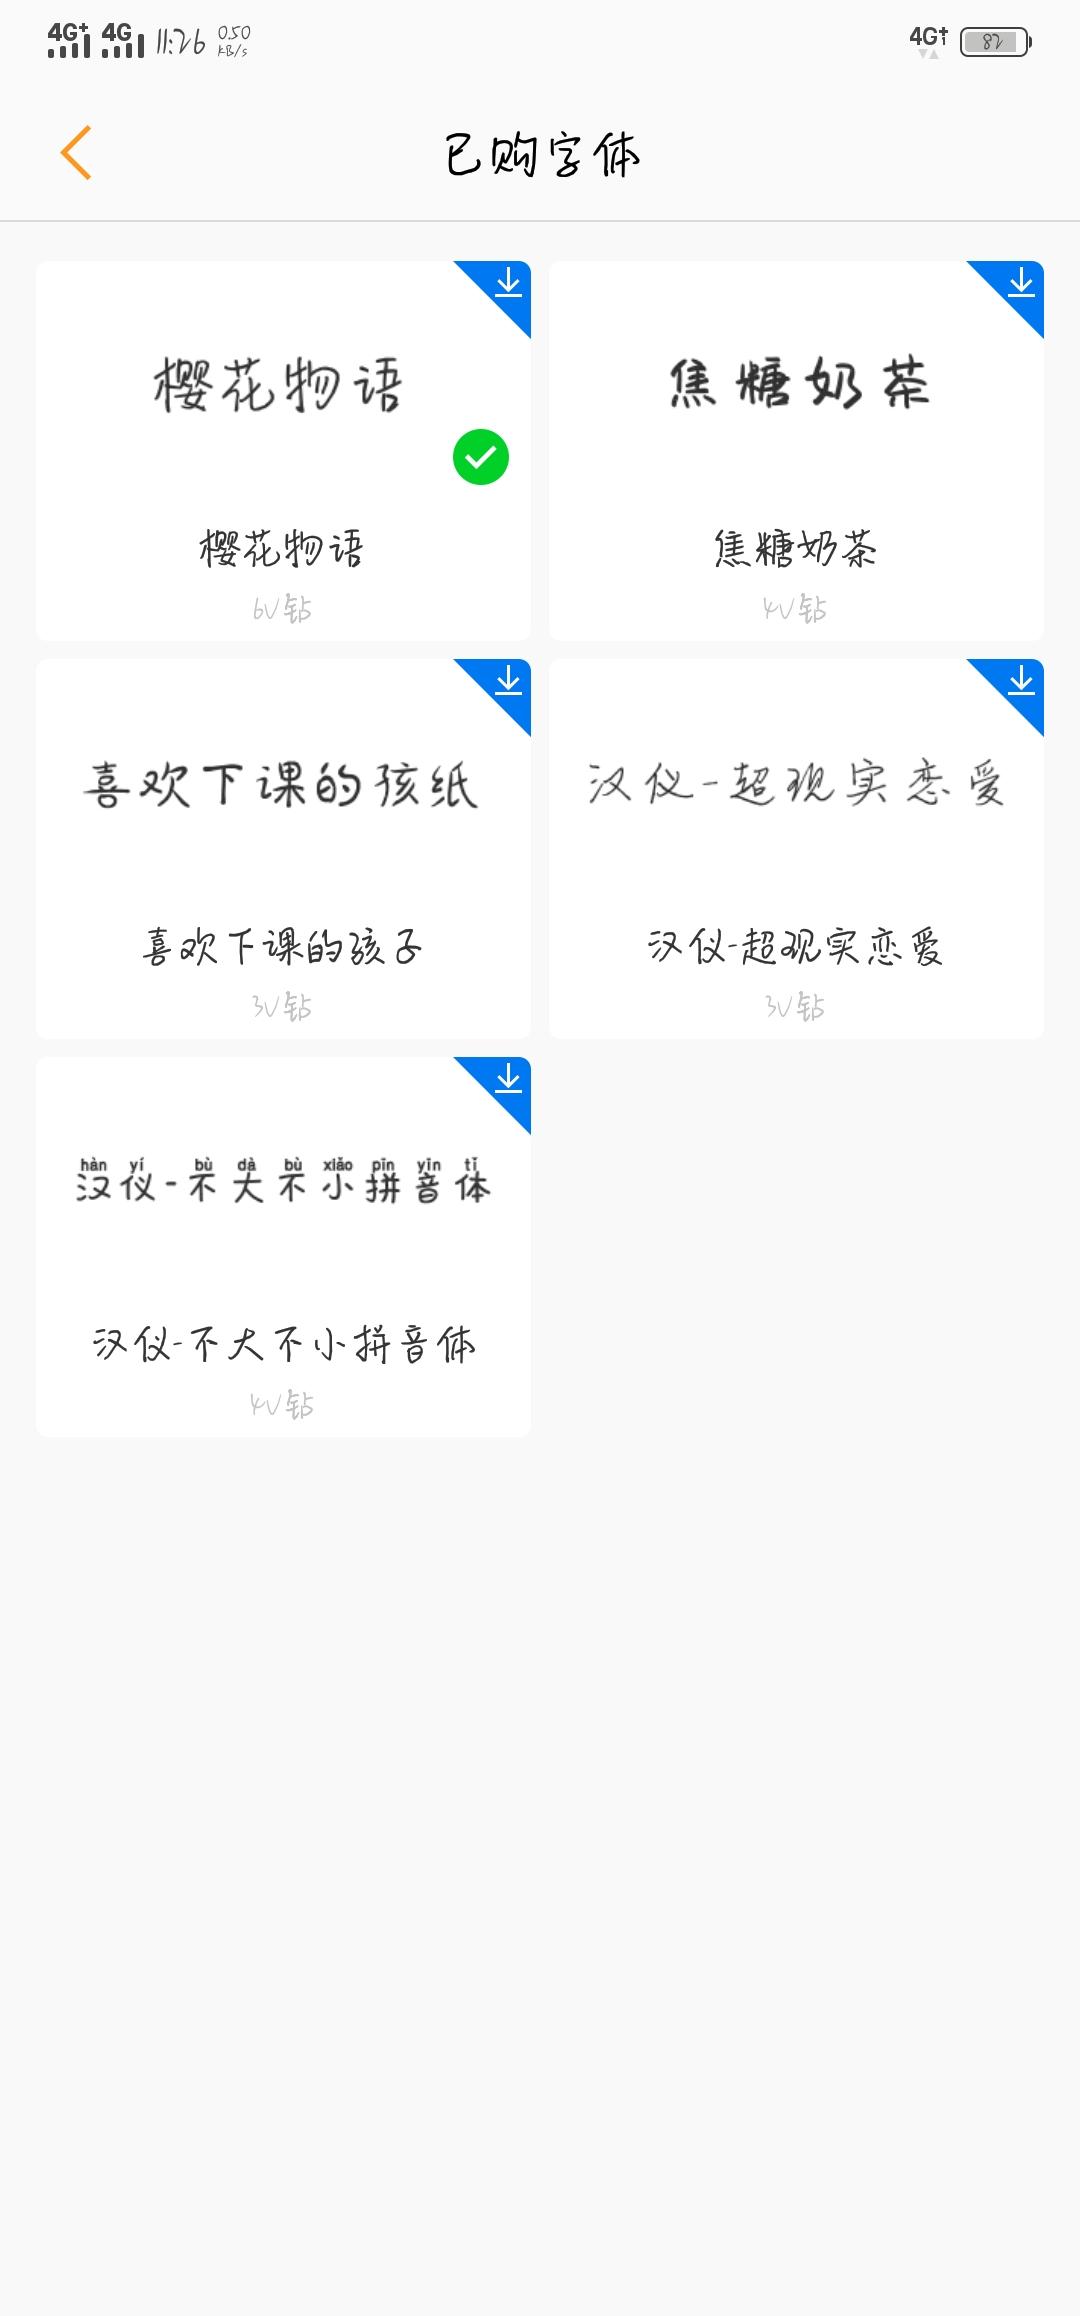 Screenshot_20180707_112655.jpg